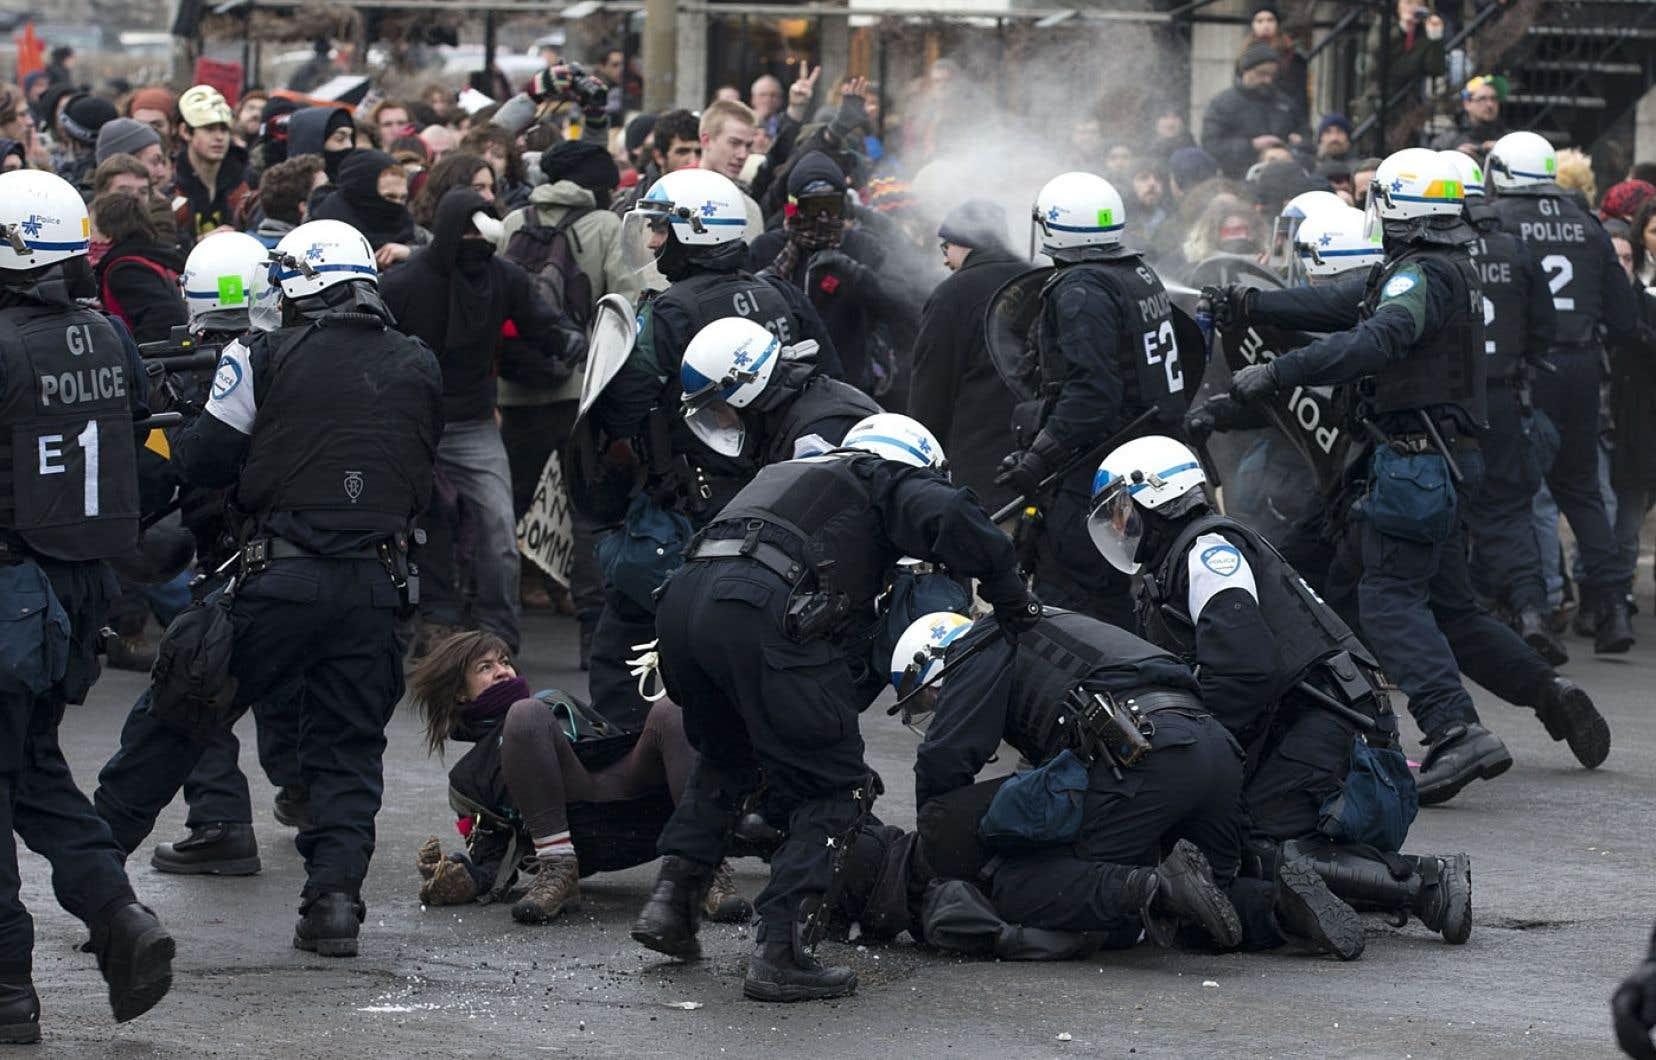 Le SPVM s'est bâti une expertise en matière de contrôle de foules, au point où des corps policiers venus d'ailleurs au Canada et des États-Unis viennent l'observer en pleine action.